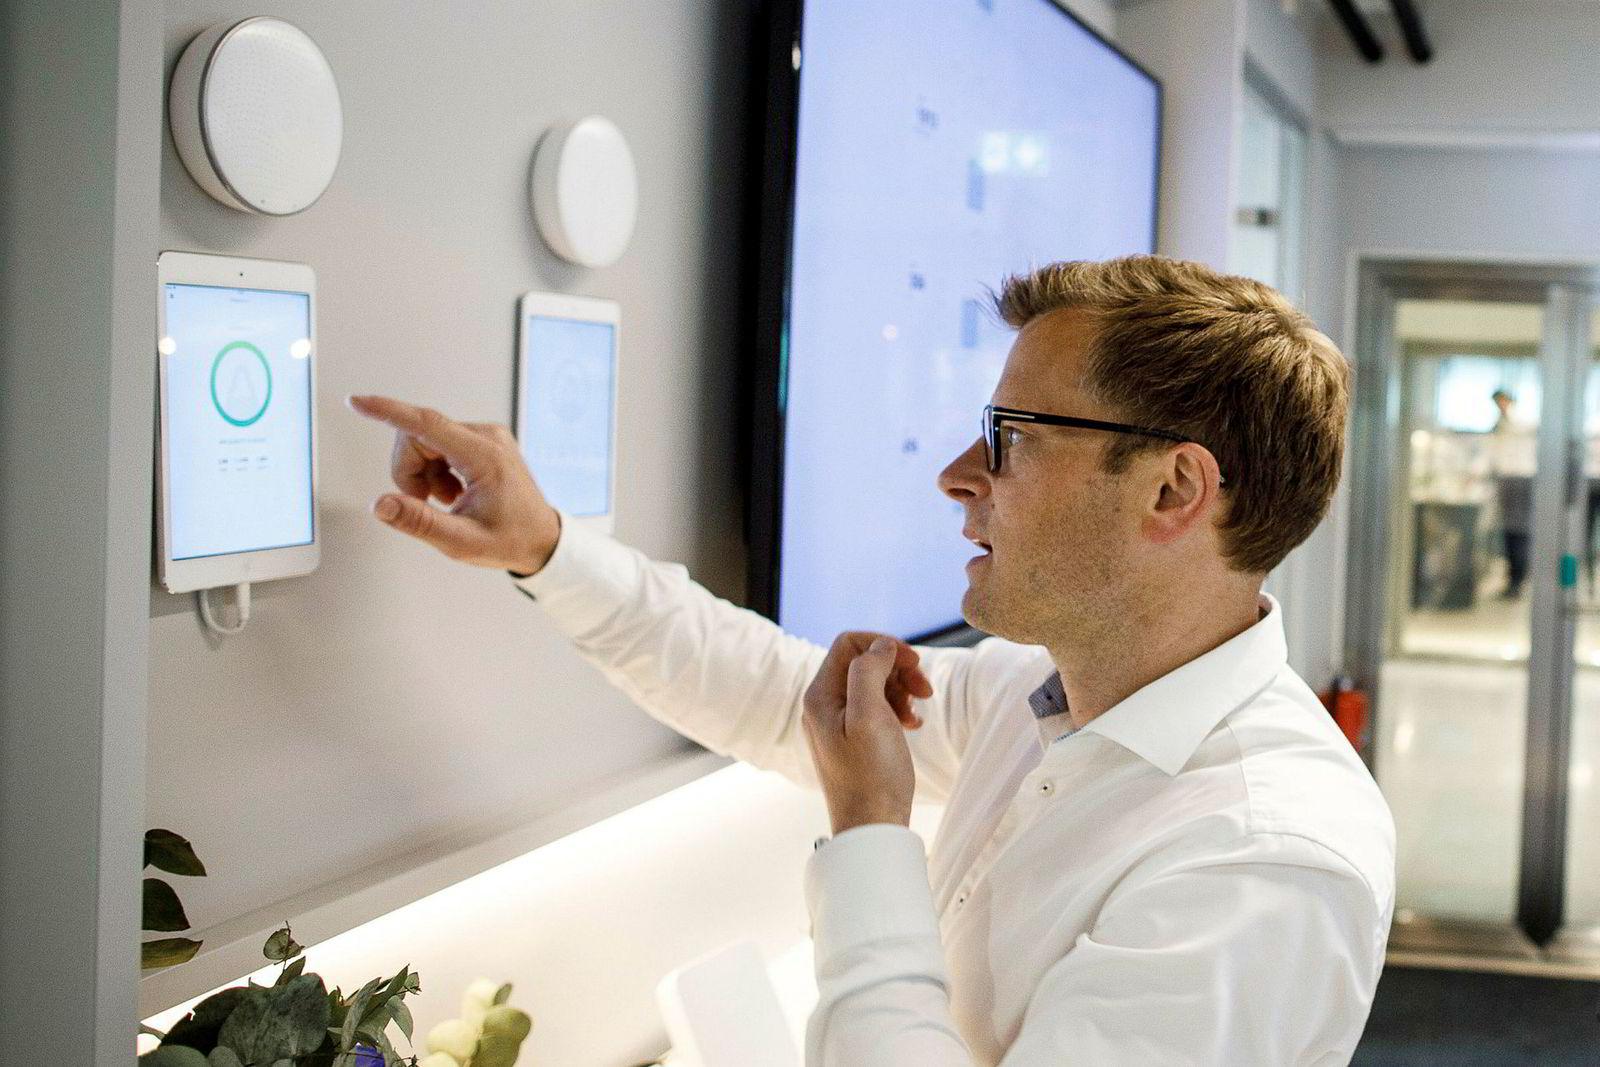 Gründer og teknisk direktør Erlend Bolle i Airthings demonstrerer hvordan luftkvaliteten i rommet overvåkes av deres runde apparat, som henger på veggen. Dataene sendes til en skytjeneste så det kan varsles og analyseres.